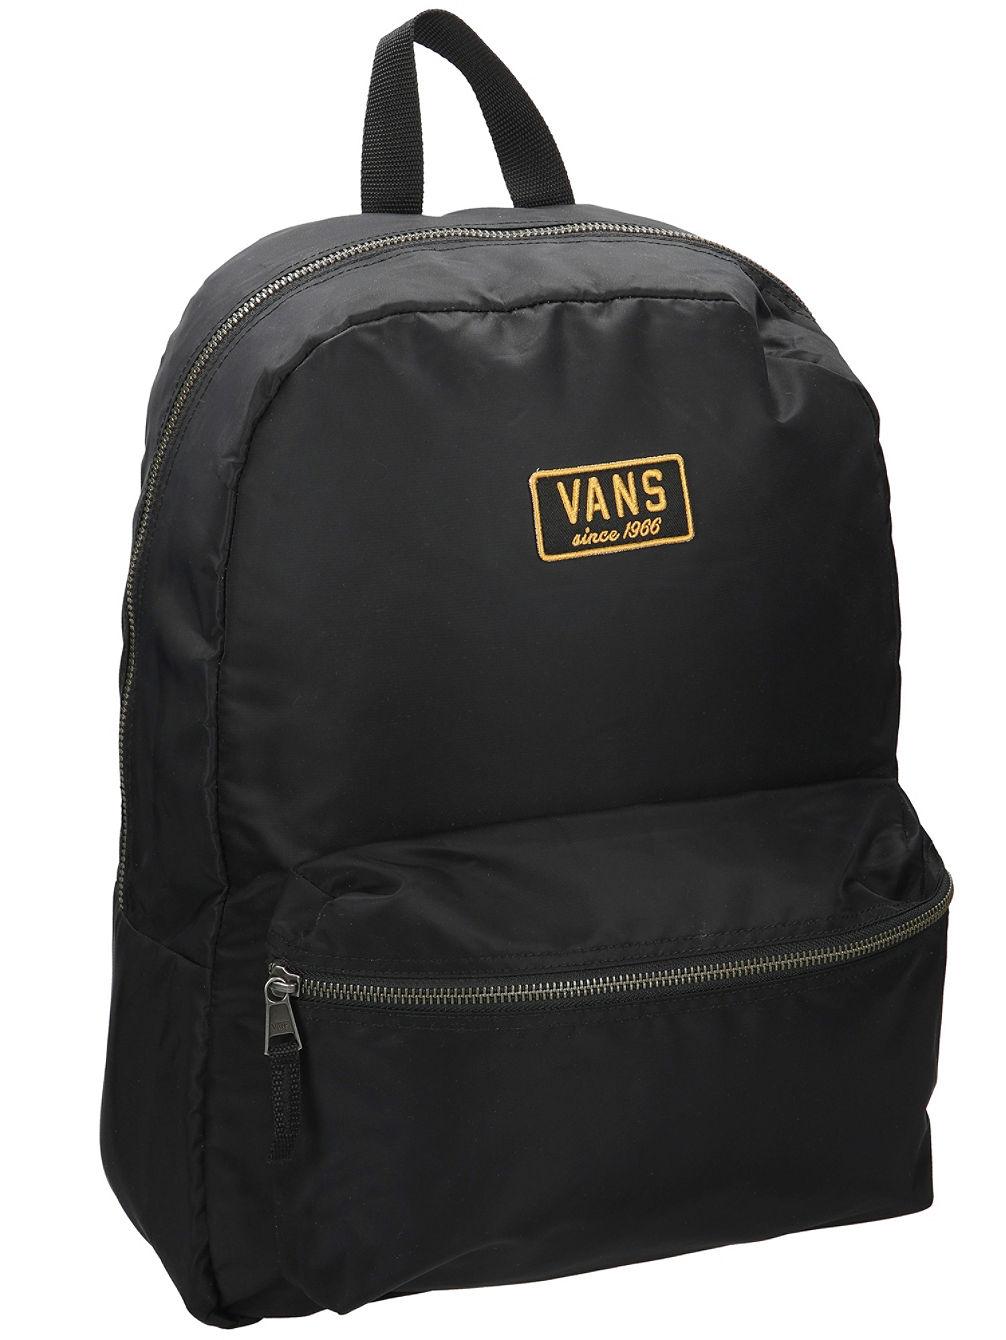 c8d9ef71228761 Buy Vans Boom Boom Backpack online at Blue Tomato